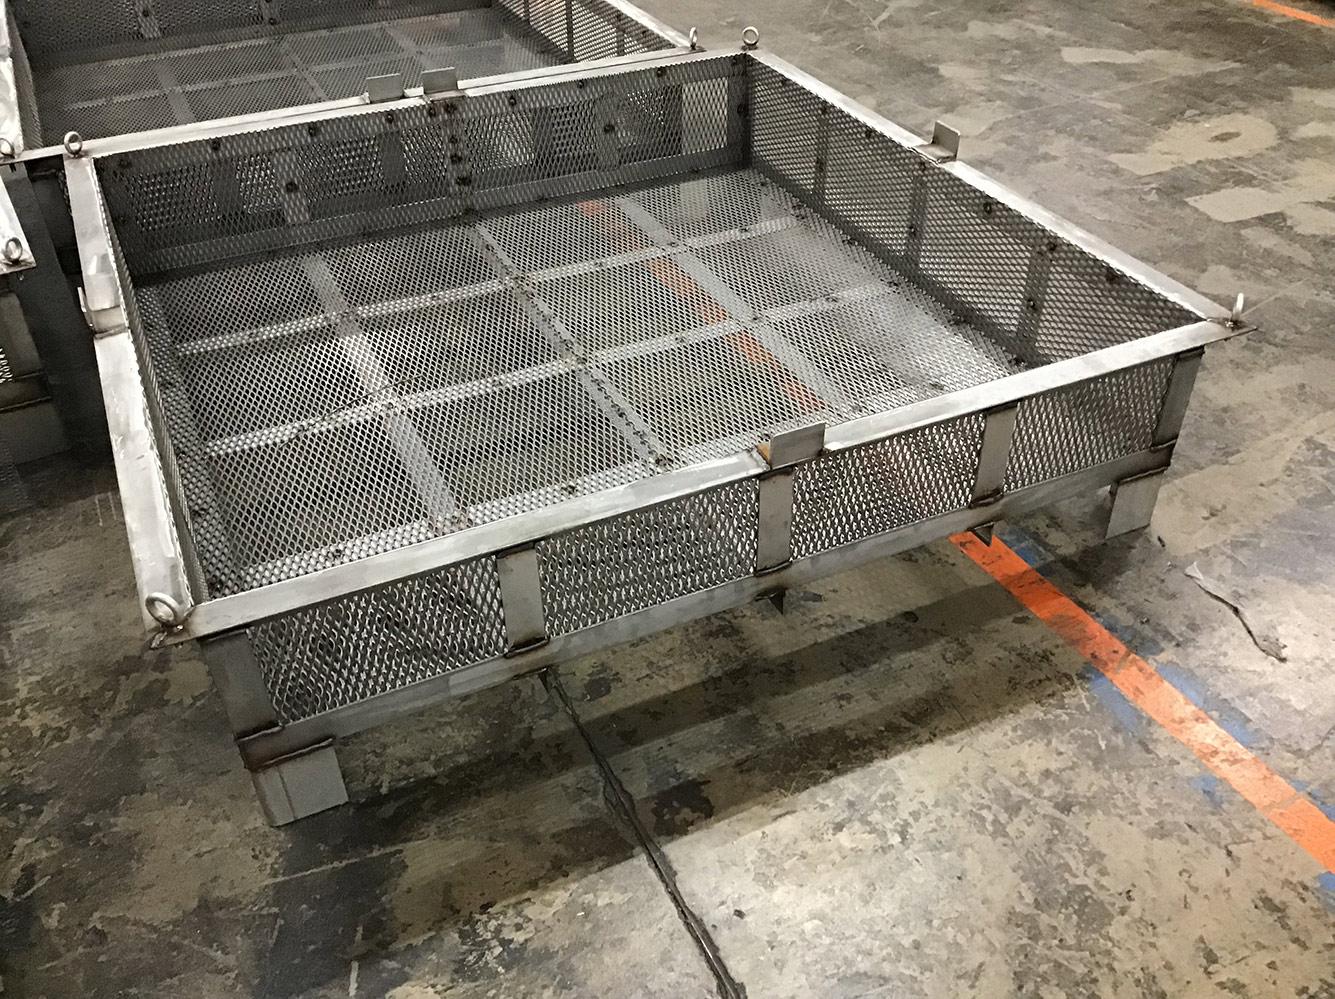 Making Super-Sized Hoist Baskets for Materials Handling